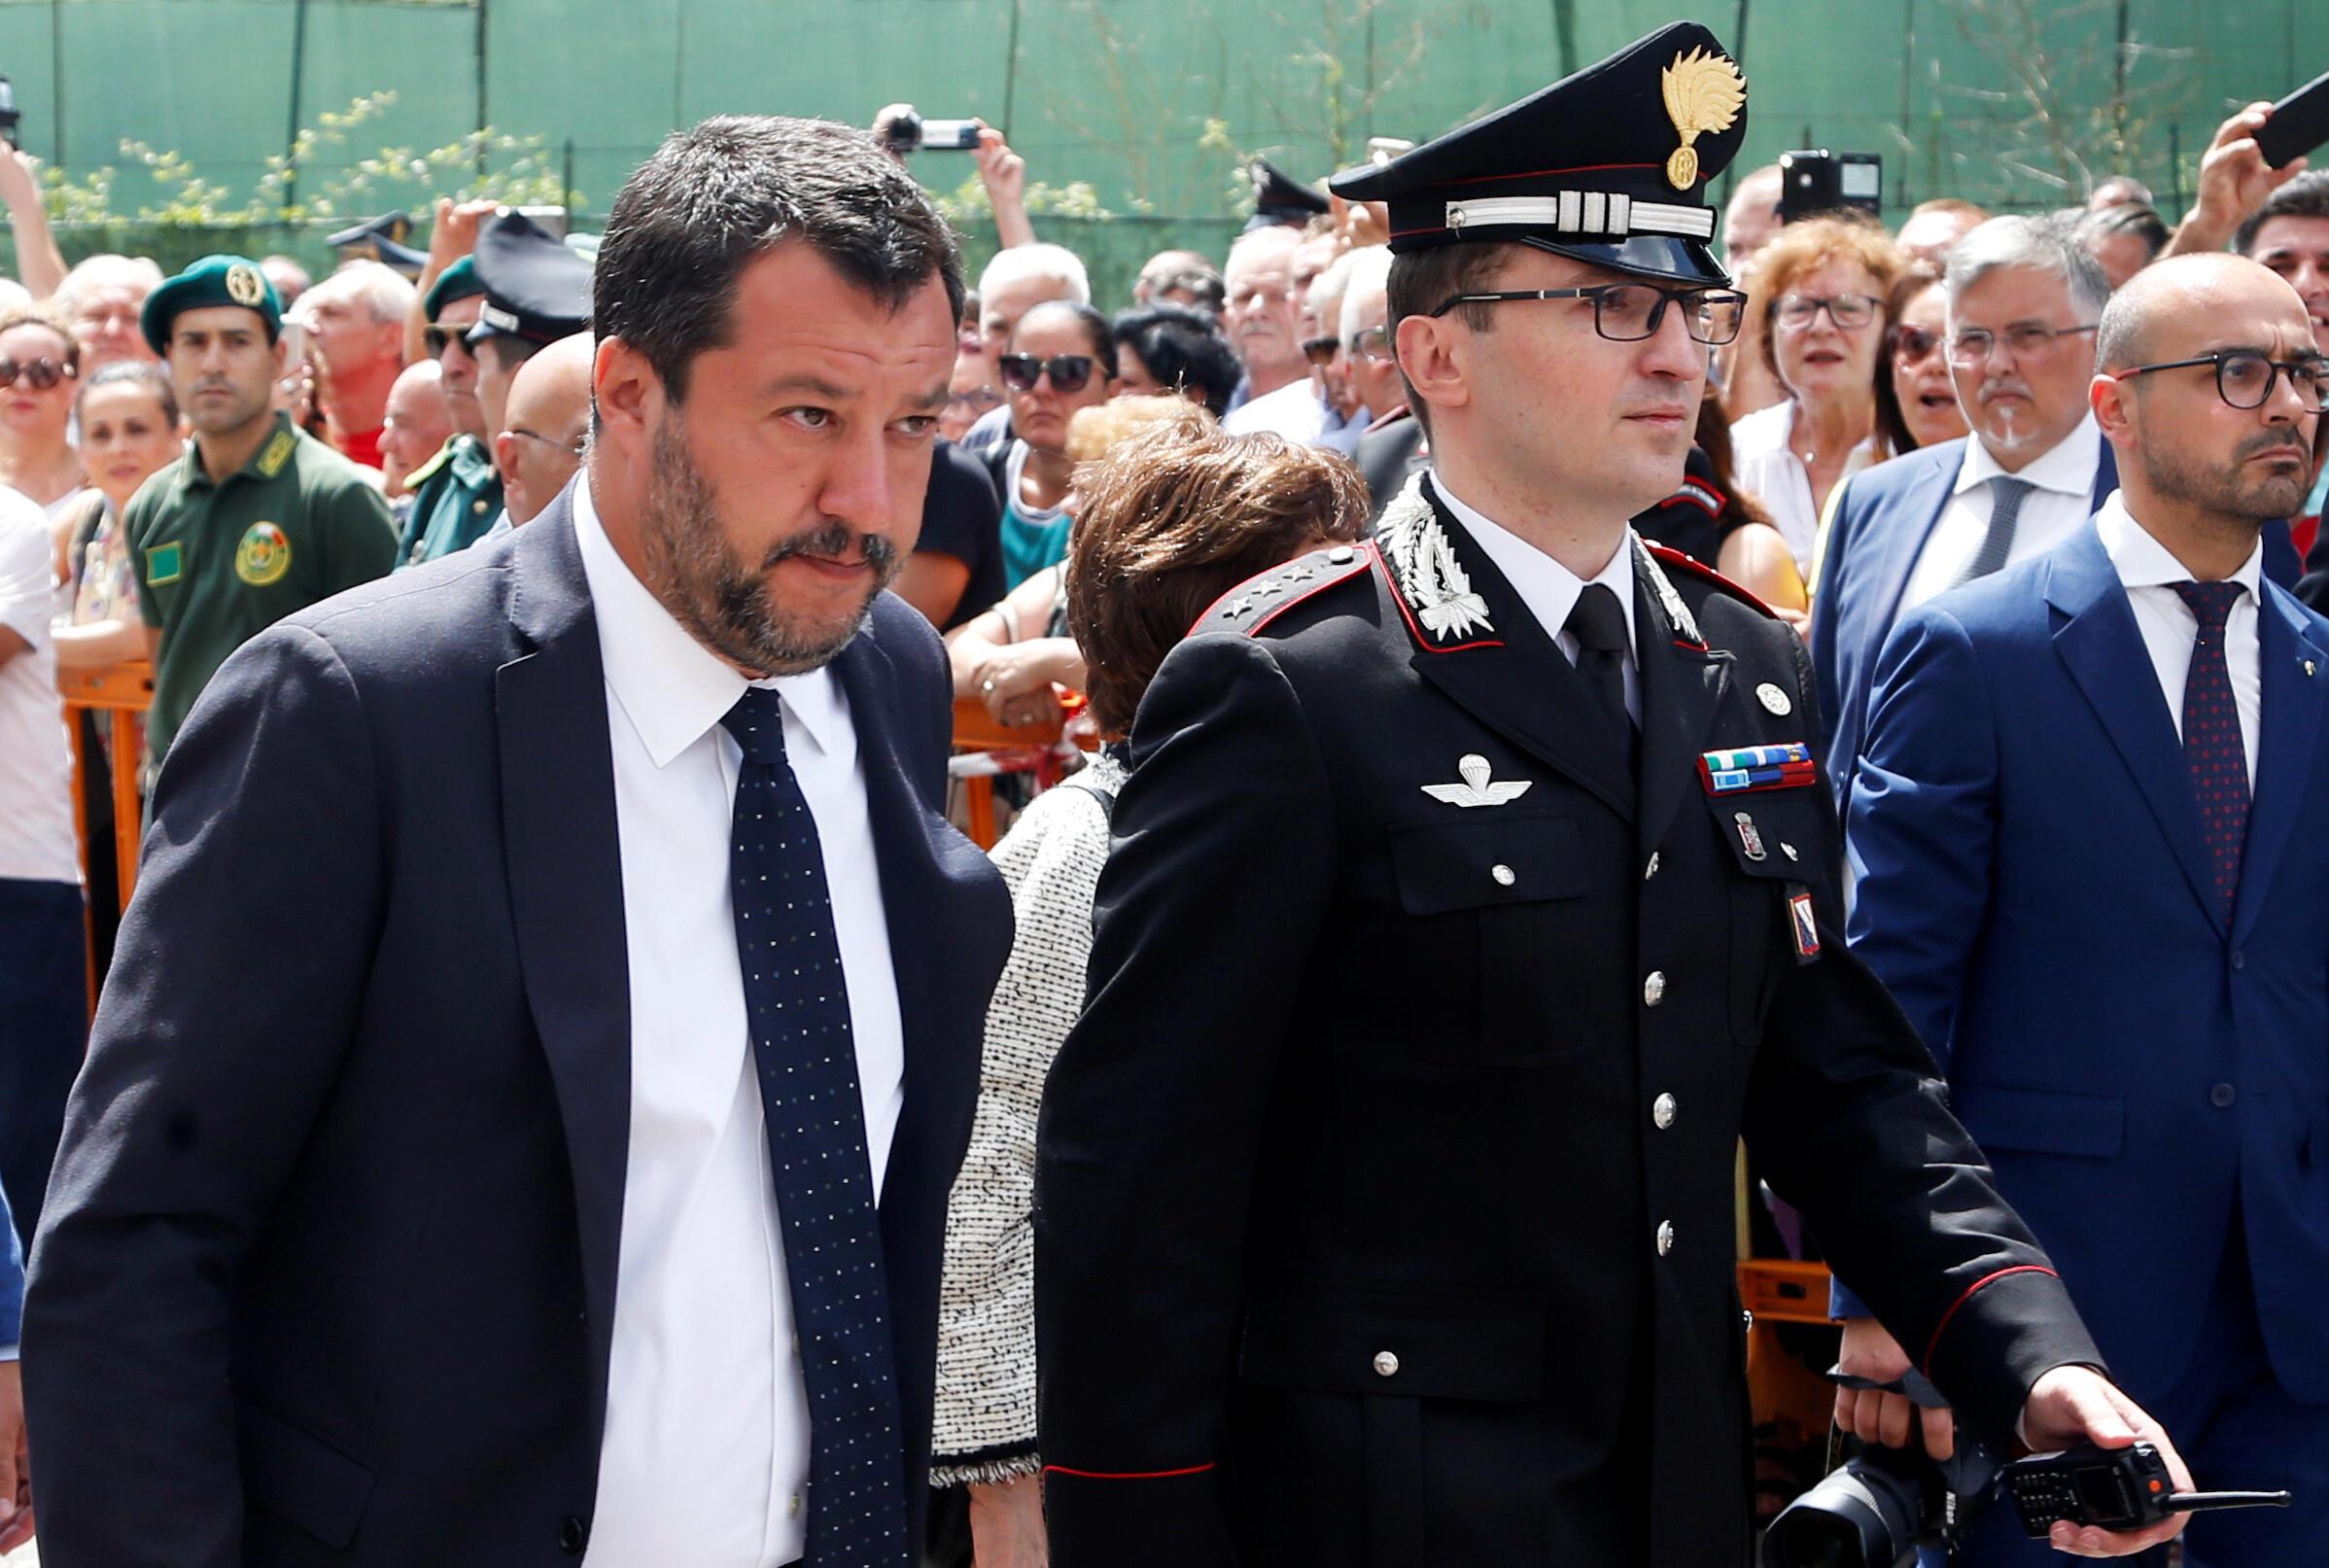 Le ministre de l'Intérieur, au moment des faits, Matteo Salvini, aux obsèques de Mario Cerciello Rega, le 29 juillet 2019.